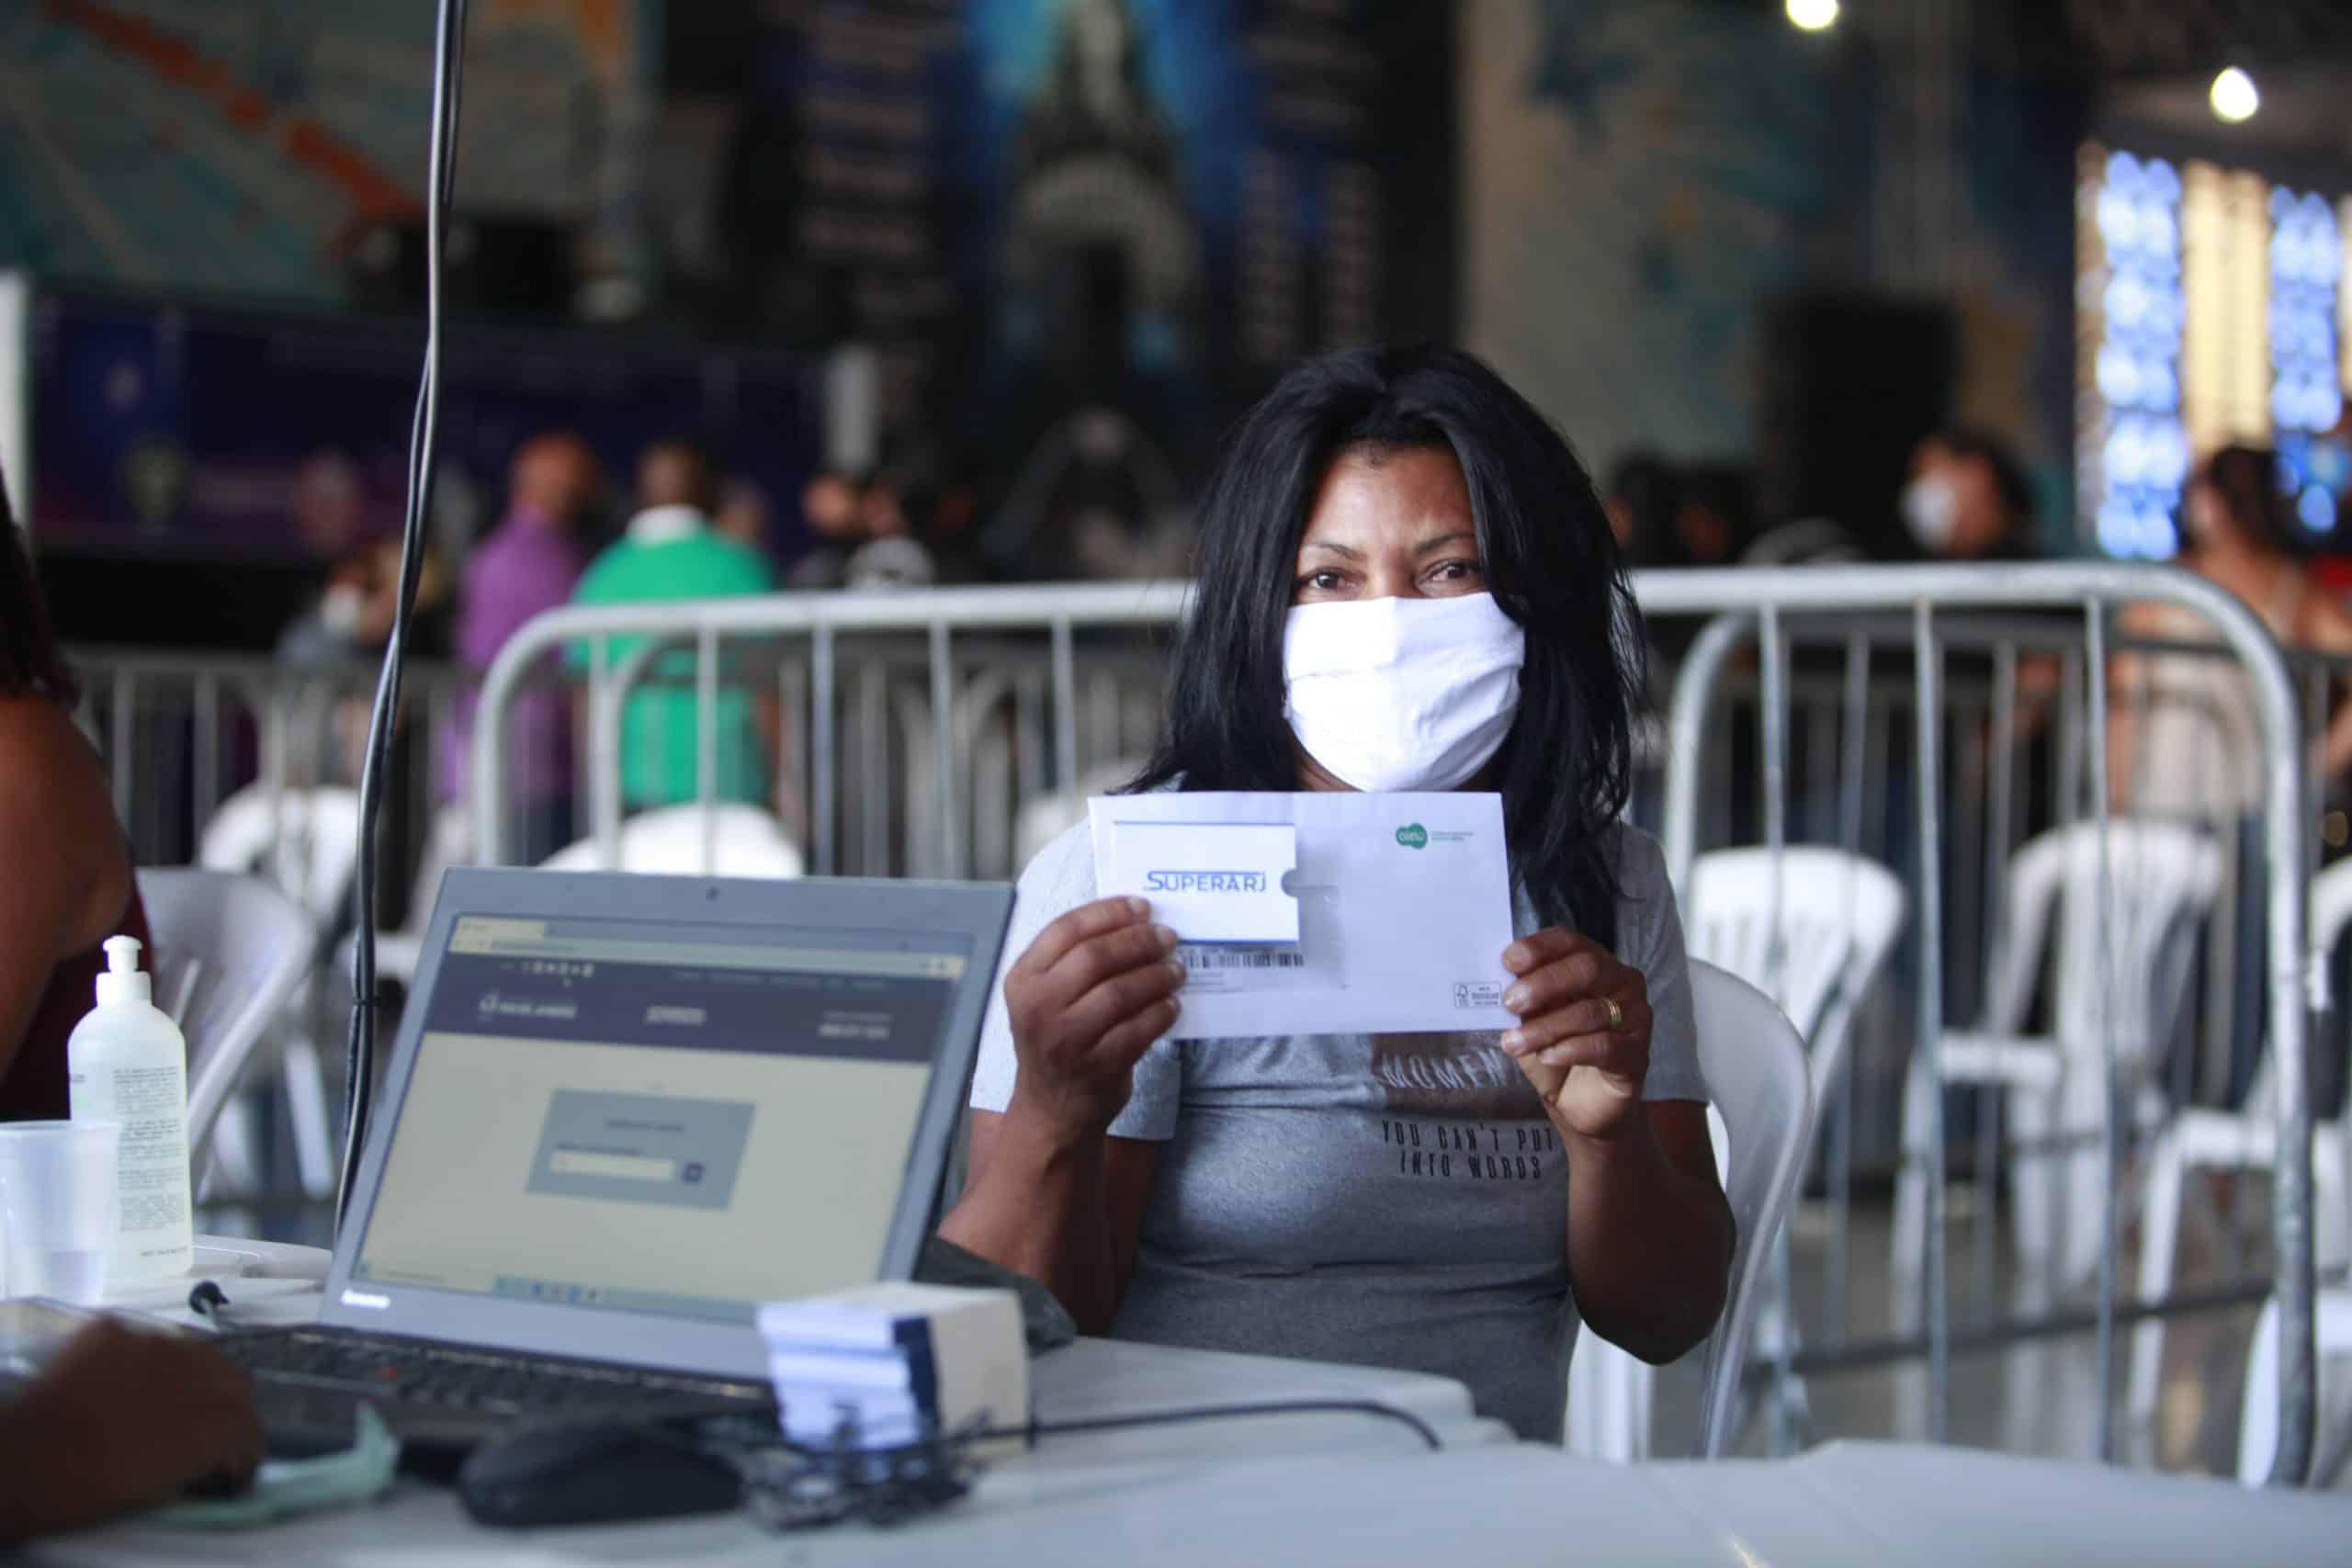 Começa distribuição do cartão Supera Rio para inscritos no CadÚnico